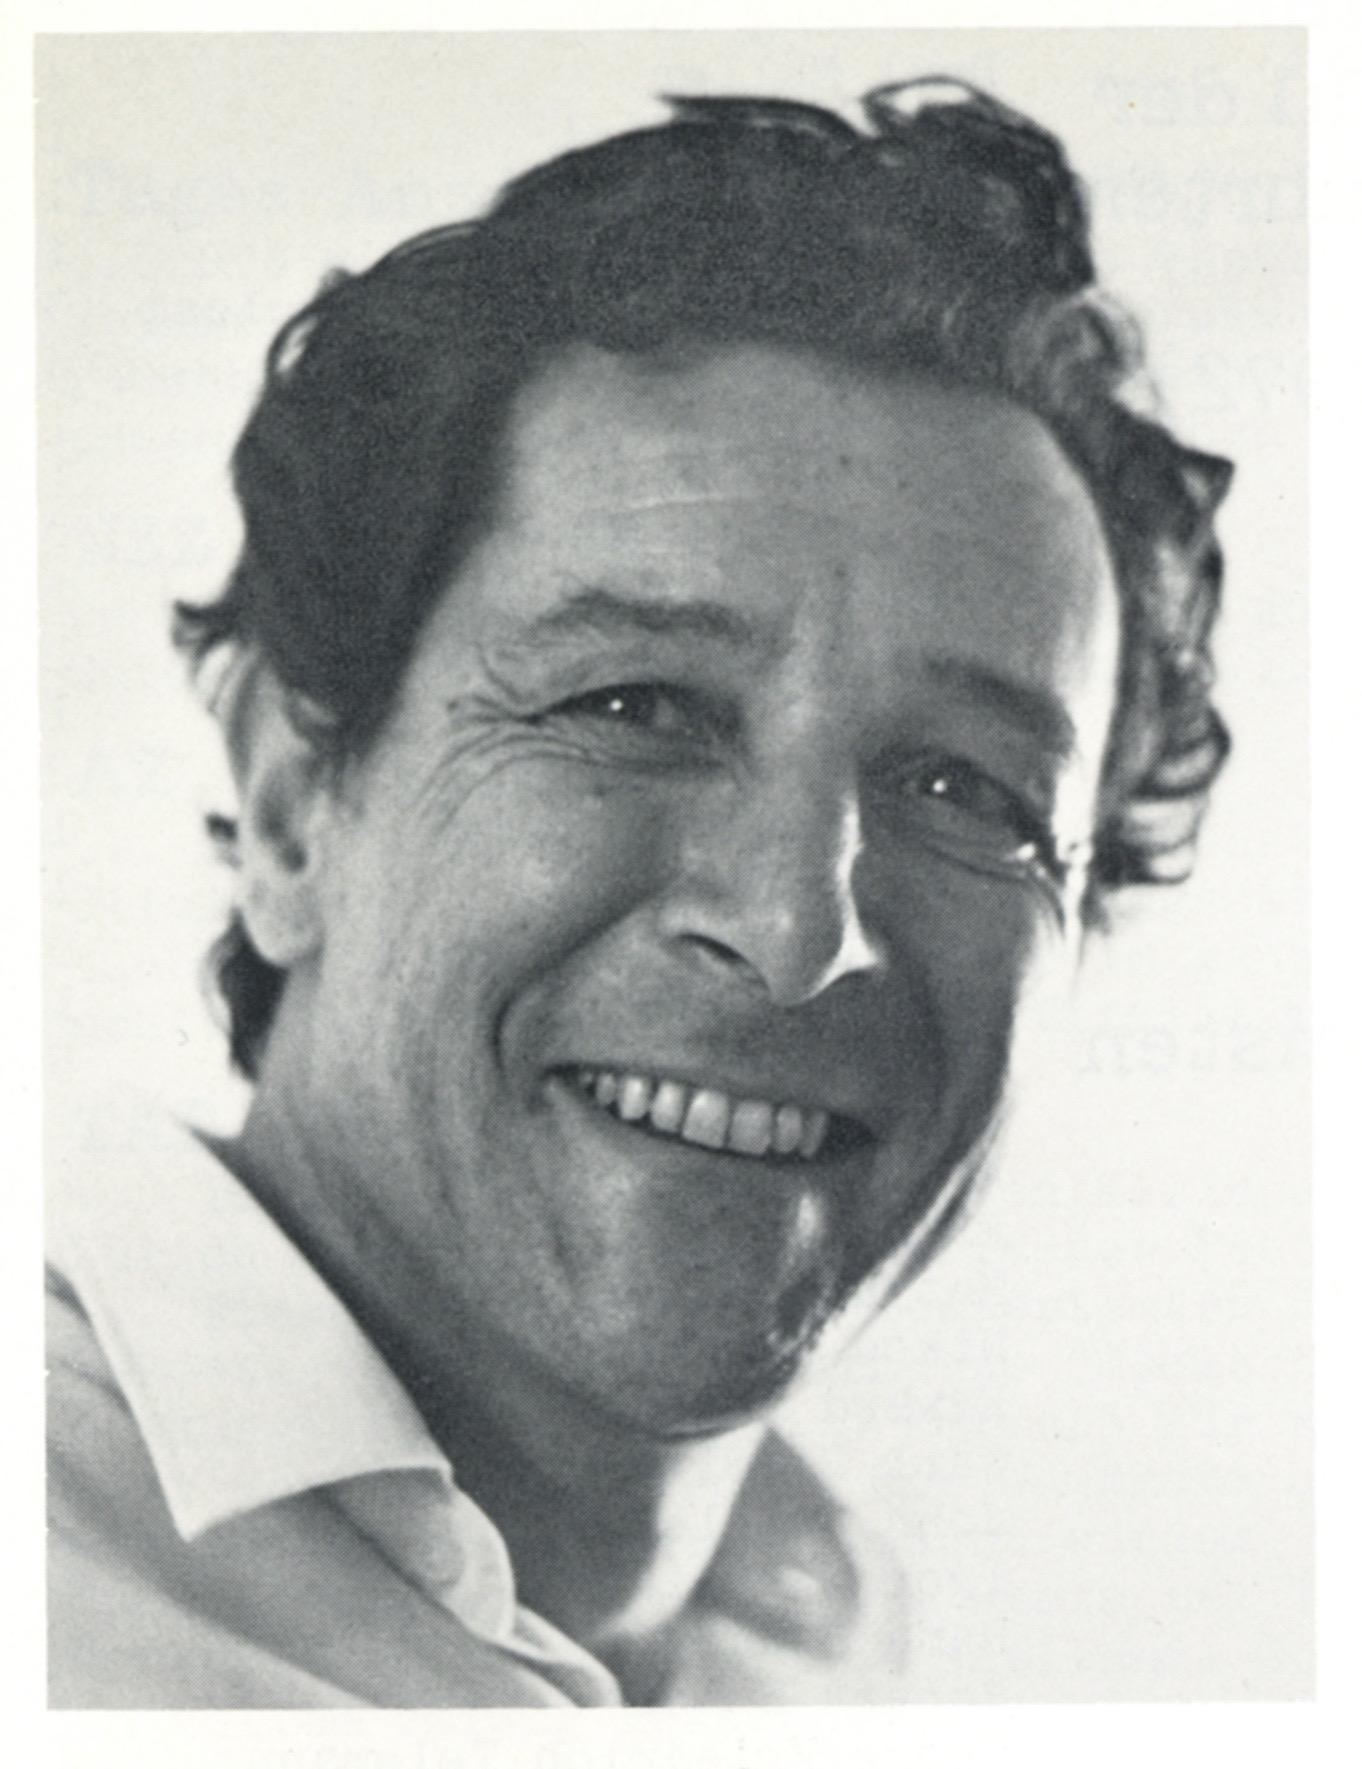 Tschupp 1972.jpg